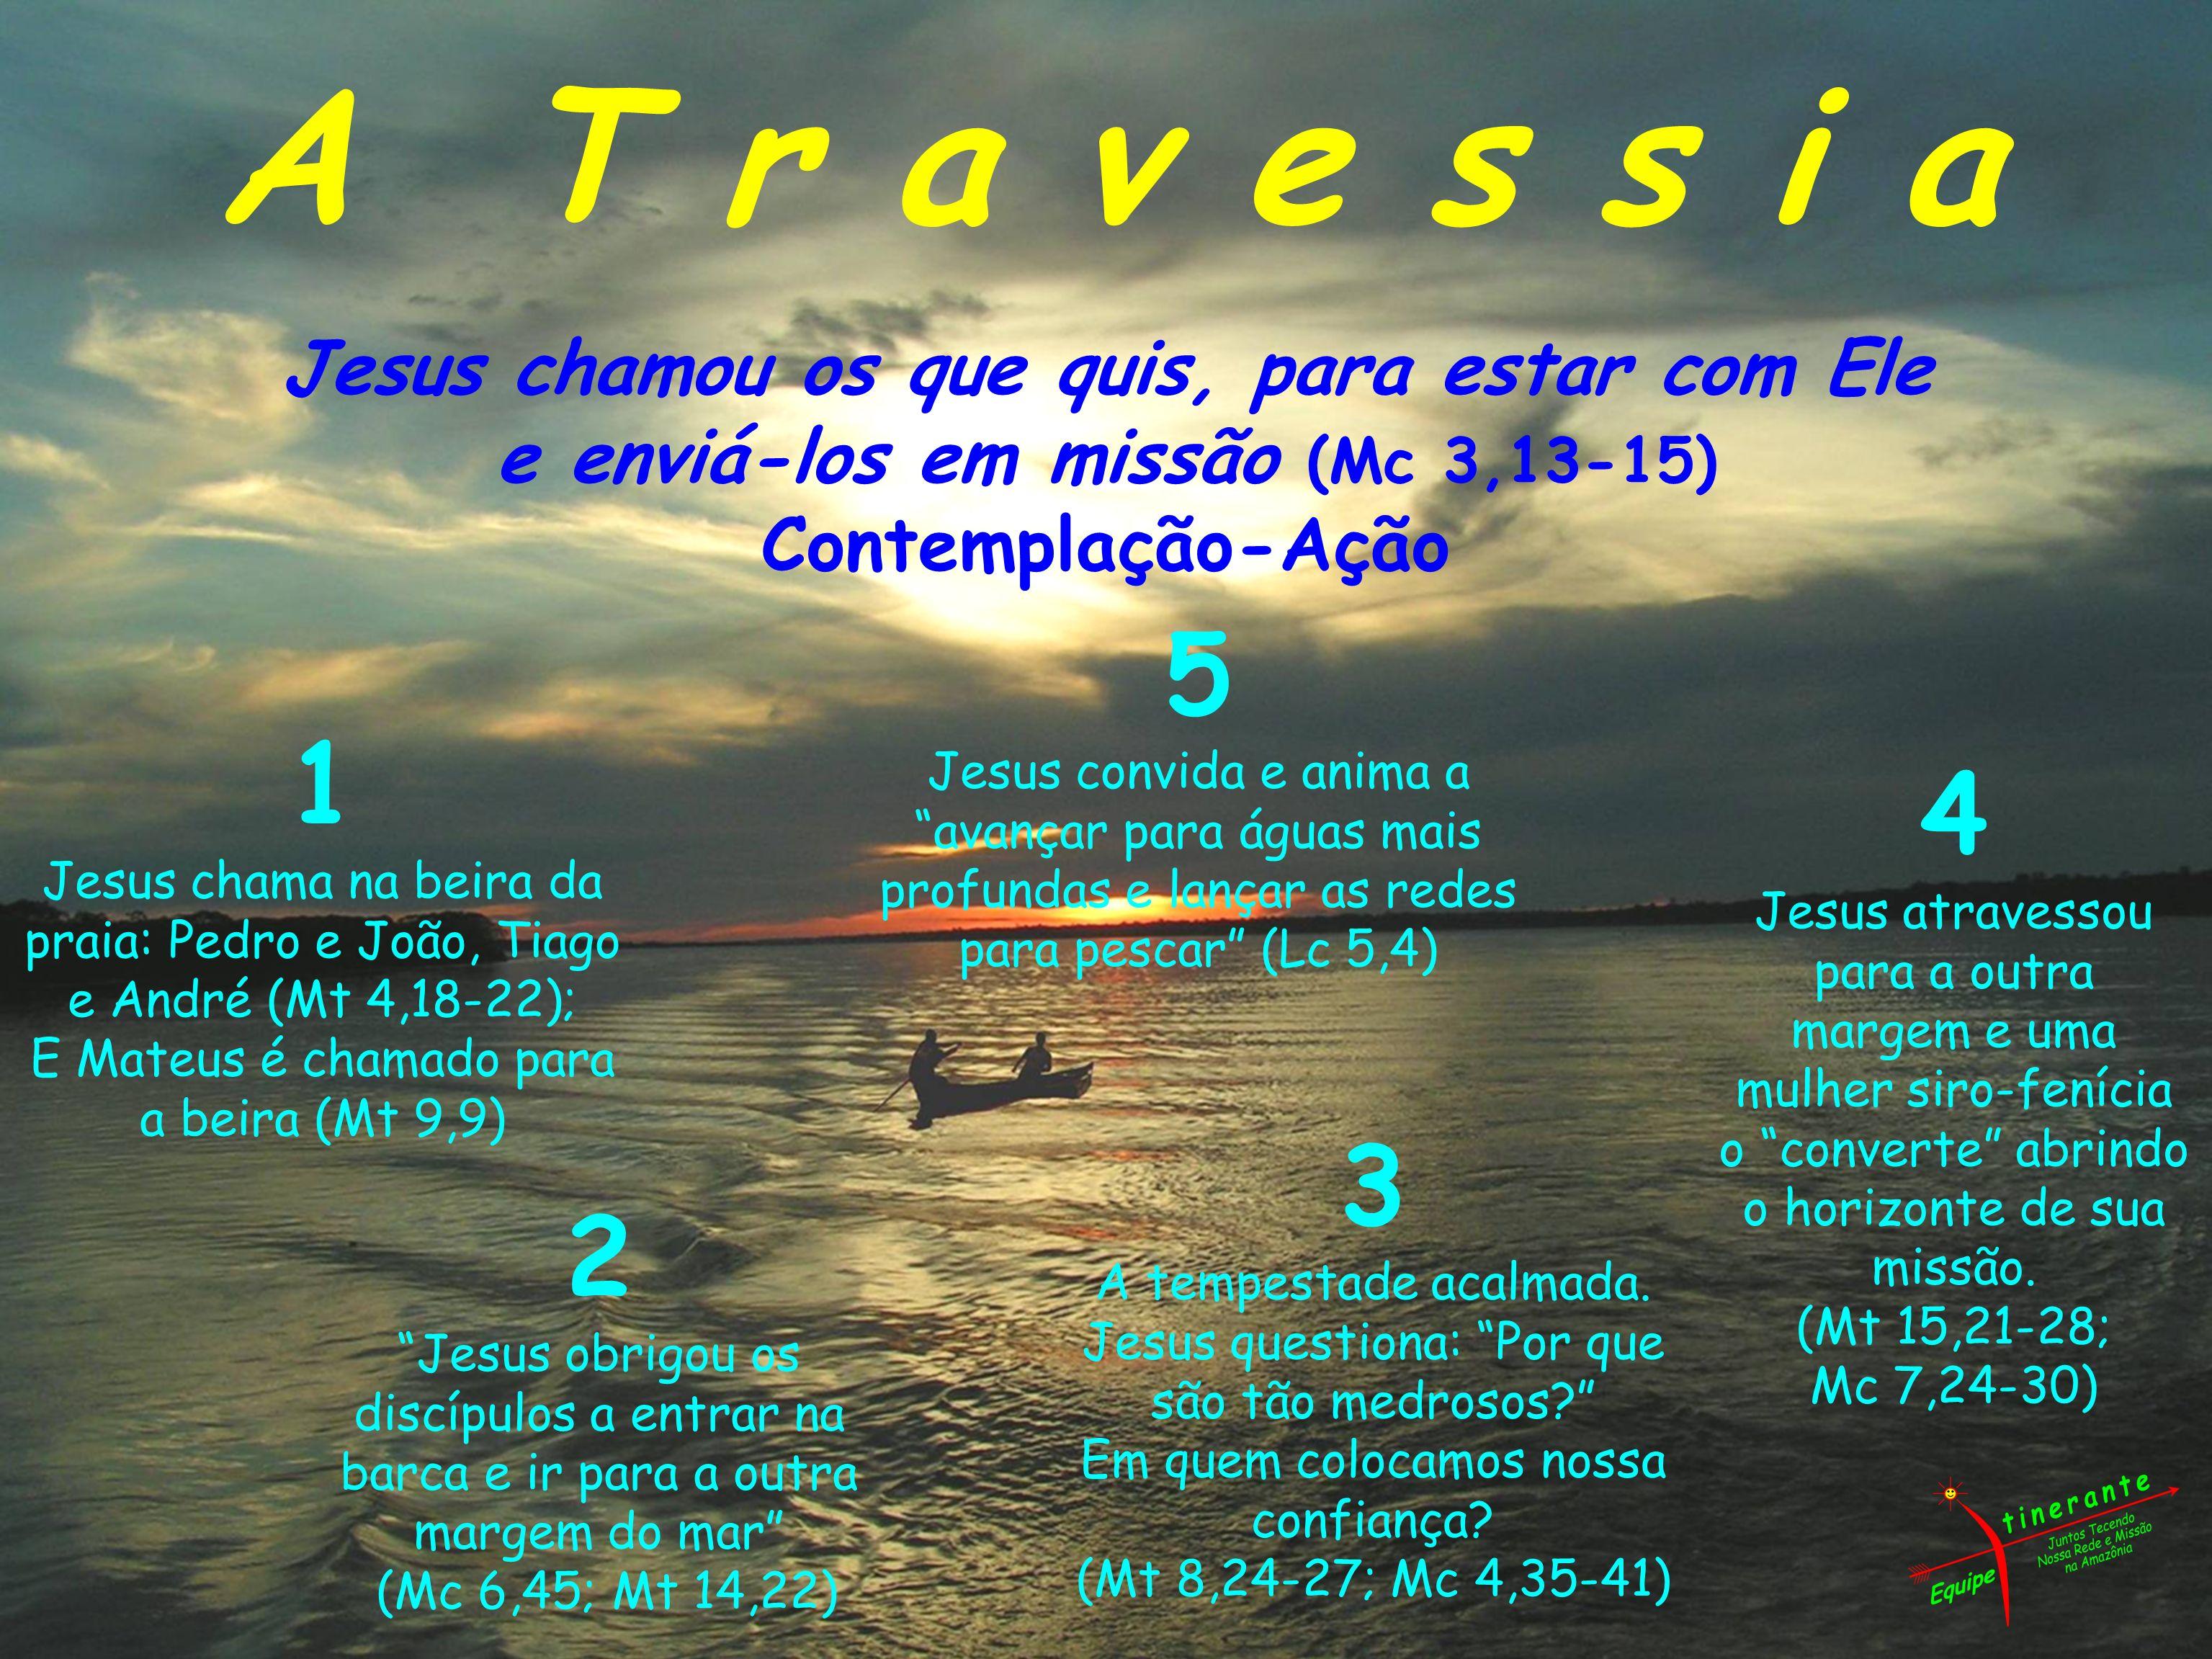 A T r a v e s s i a Jesus chamou os que quis, para estar com Ele e enviá-los em missão (Mc 3,13-15) Contemplação-Ação 5 Jesus convida e anima a avança